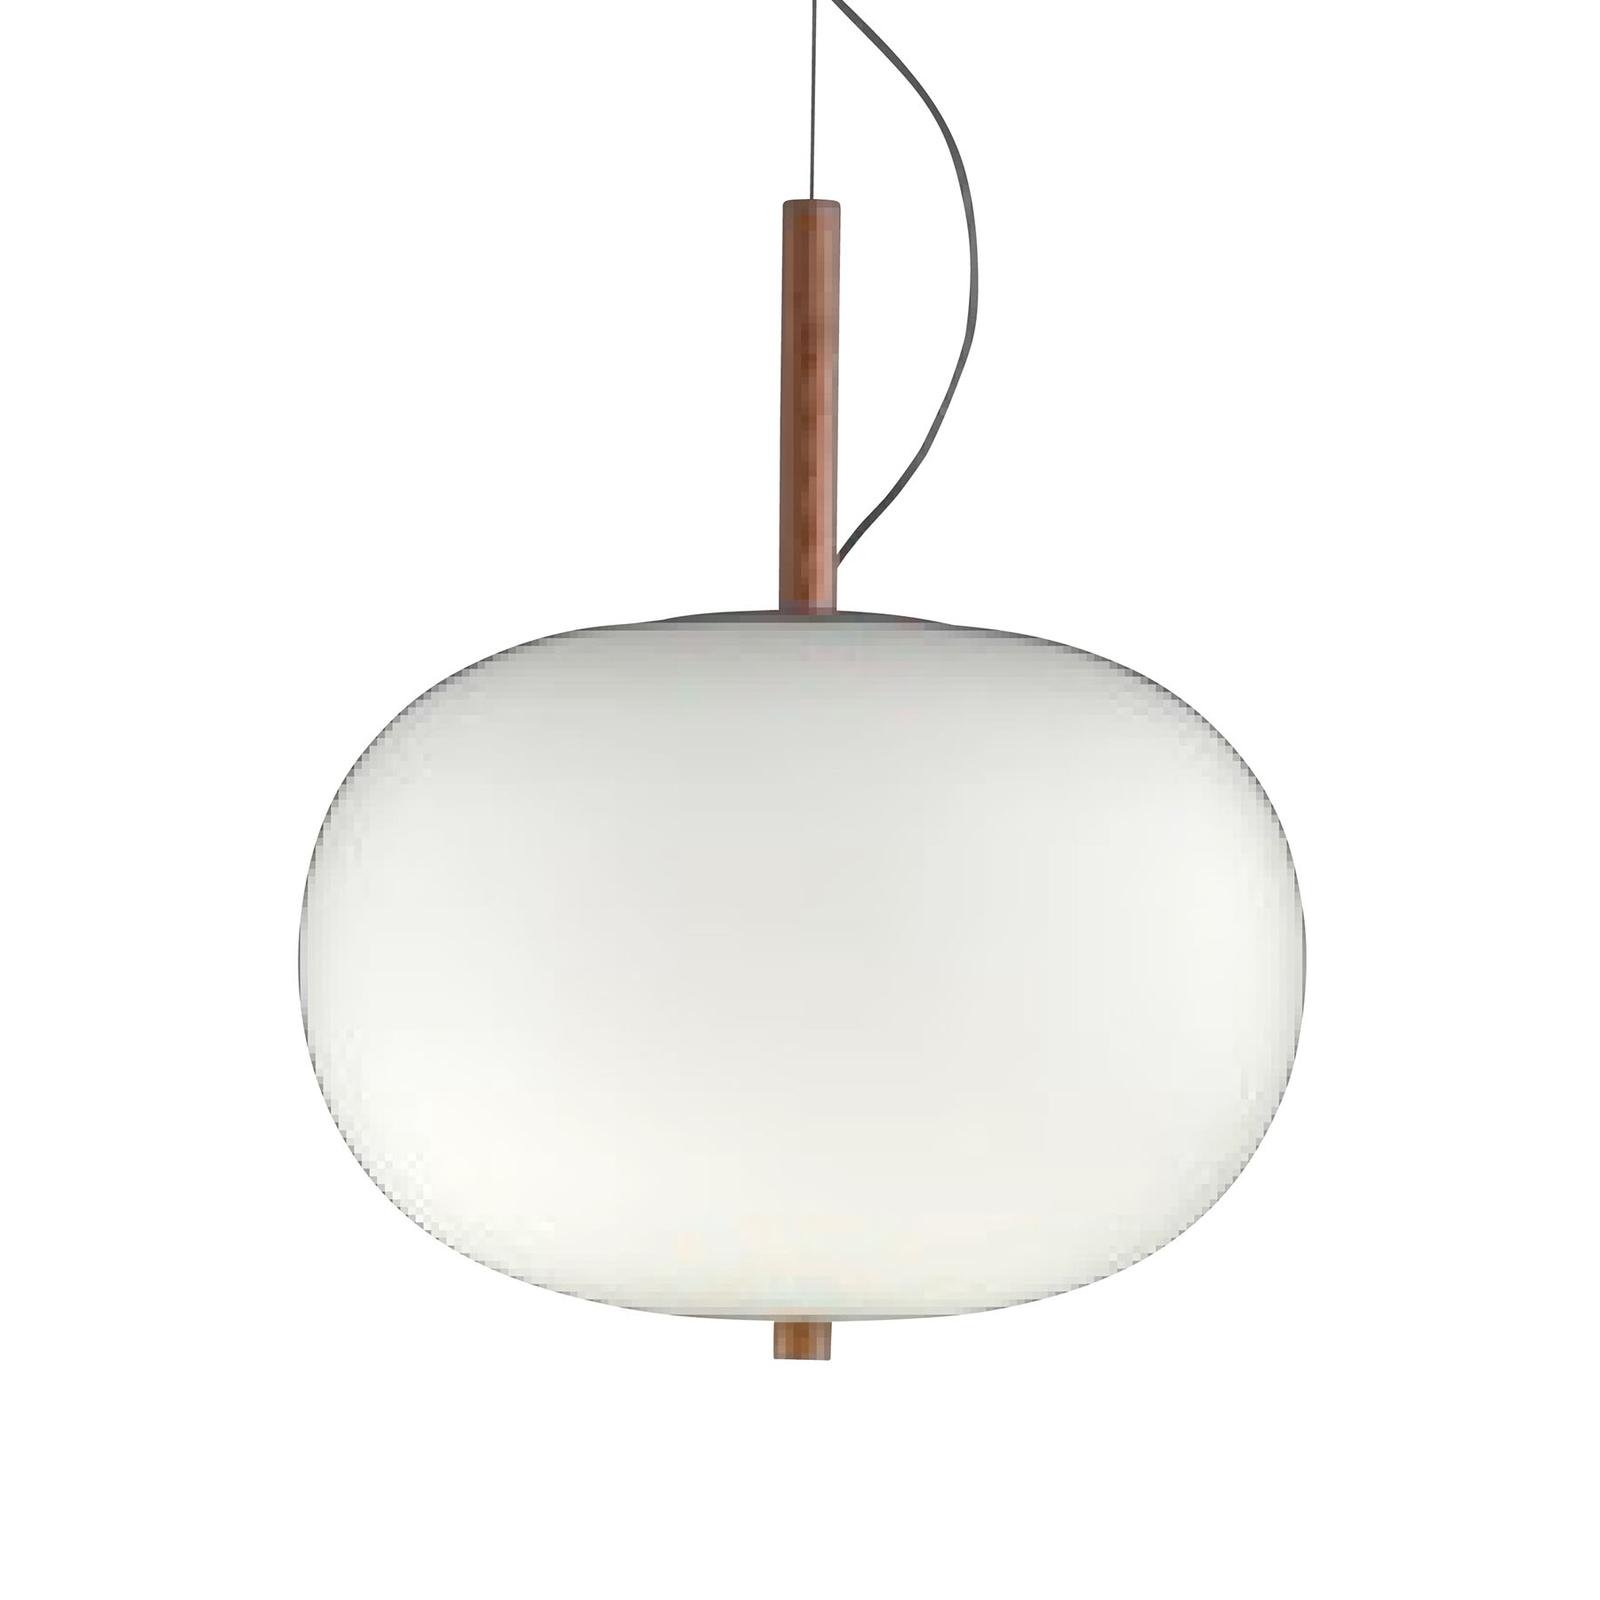 Grok Ilargi -LED-riippuvalo, vaalea, Ø 32cm